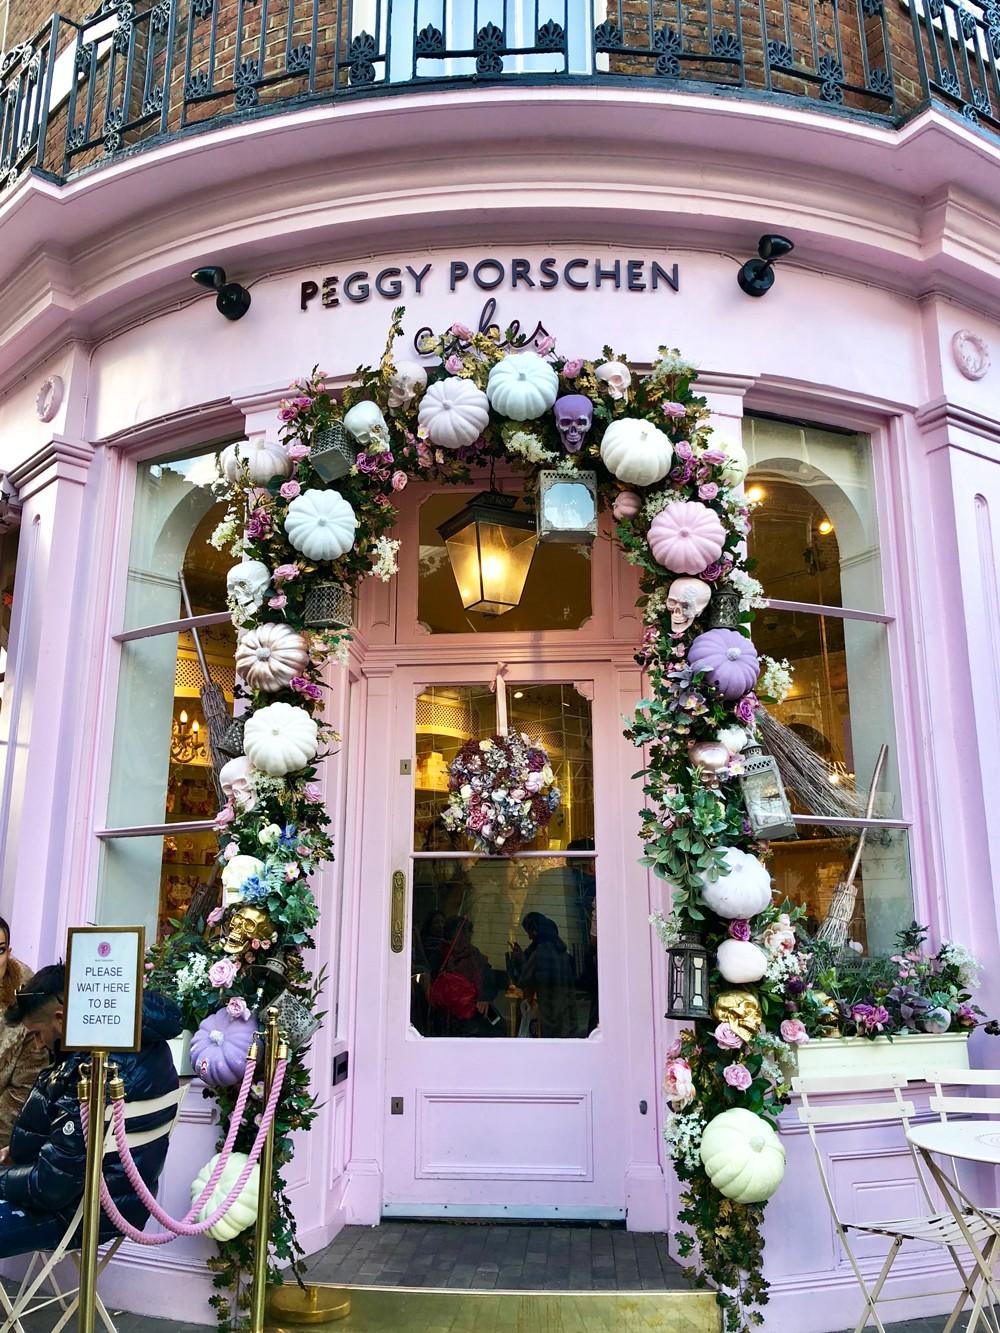 Couples Guide to London - Peggy Porschen Bakery Cupcakes